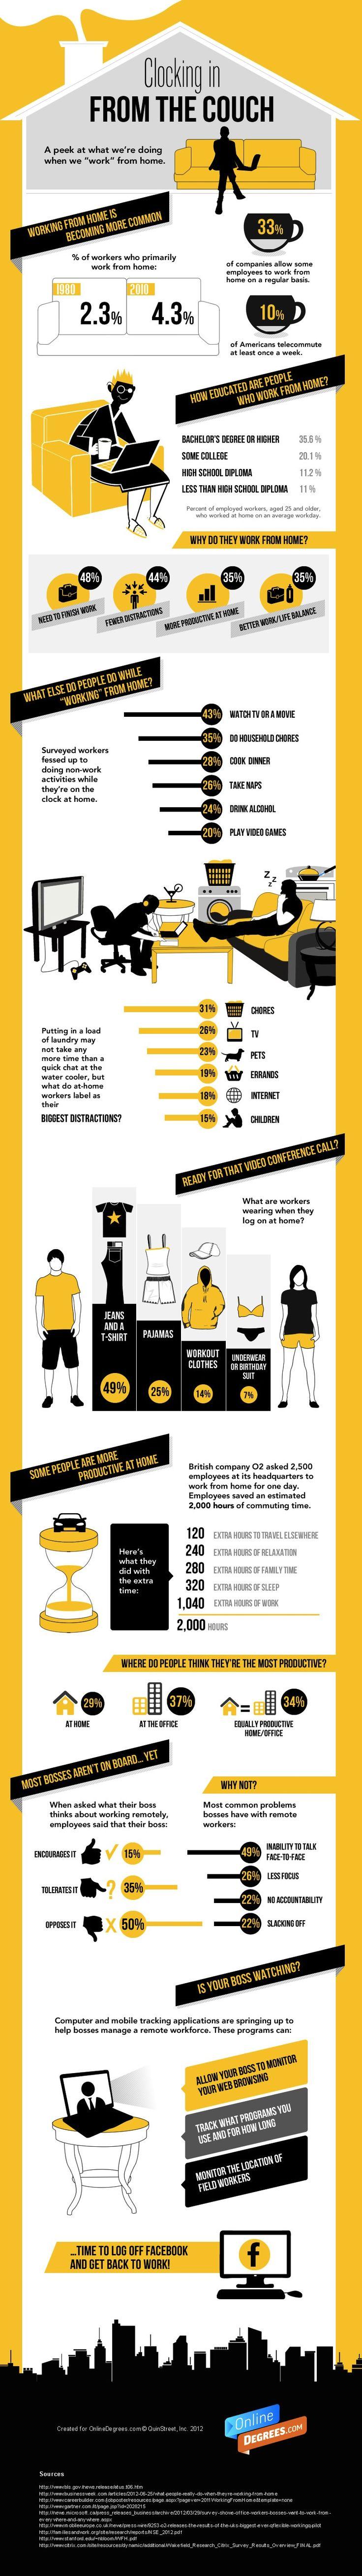 #vivapositivamente @movebla mostra infografico sobre confiança nas pessoas que trabalham em casa. http://www.movebla.com/1900/infografico-da-pra-confiar-em-quem-trabalha-de-casa/